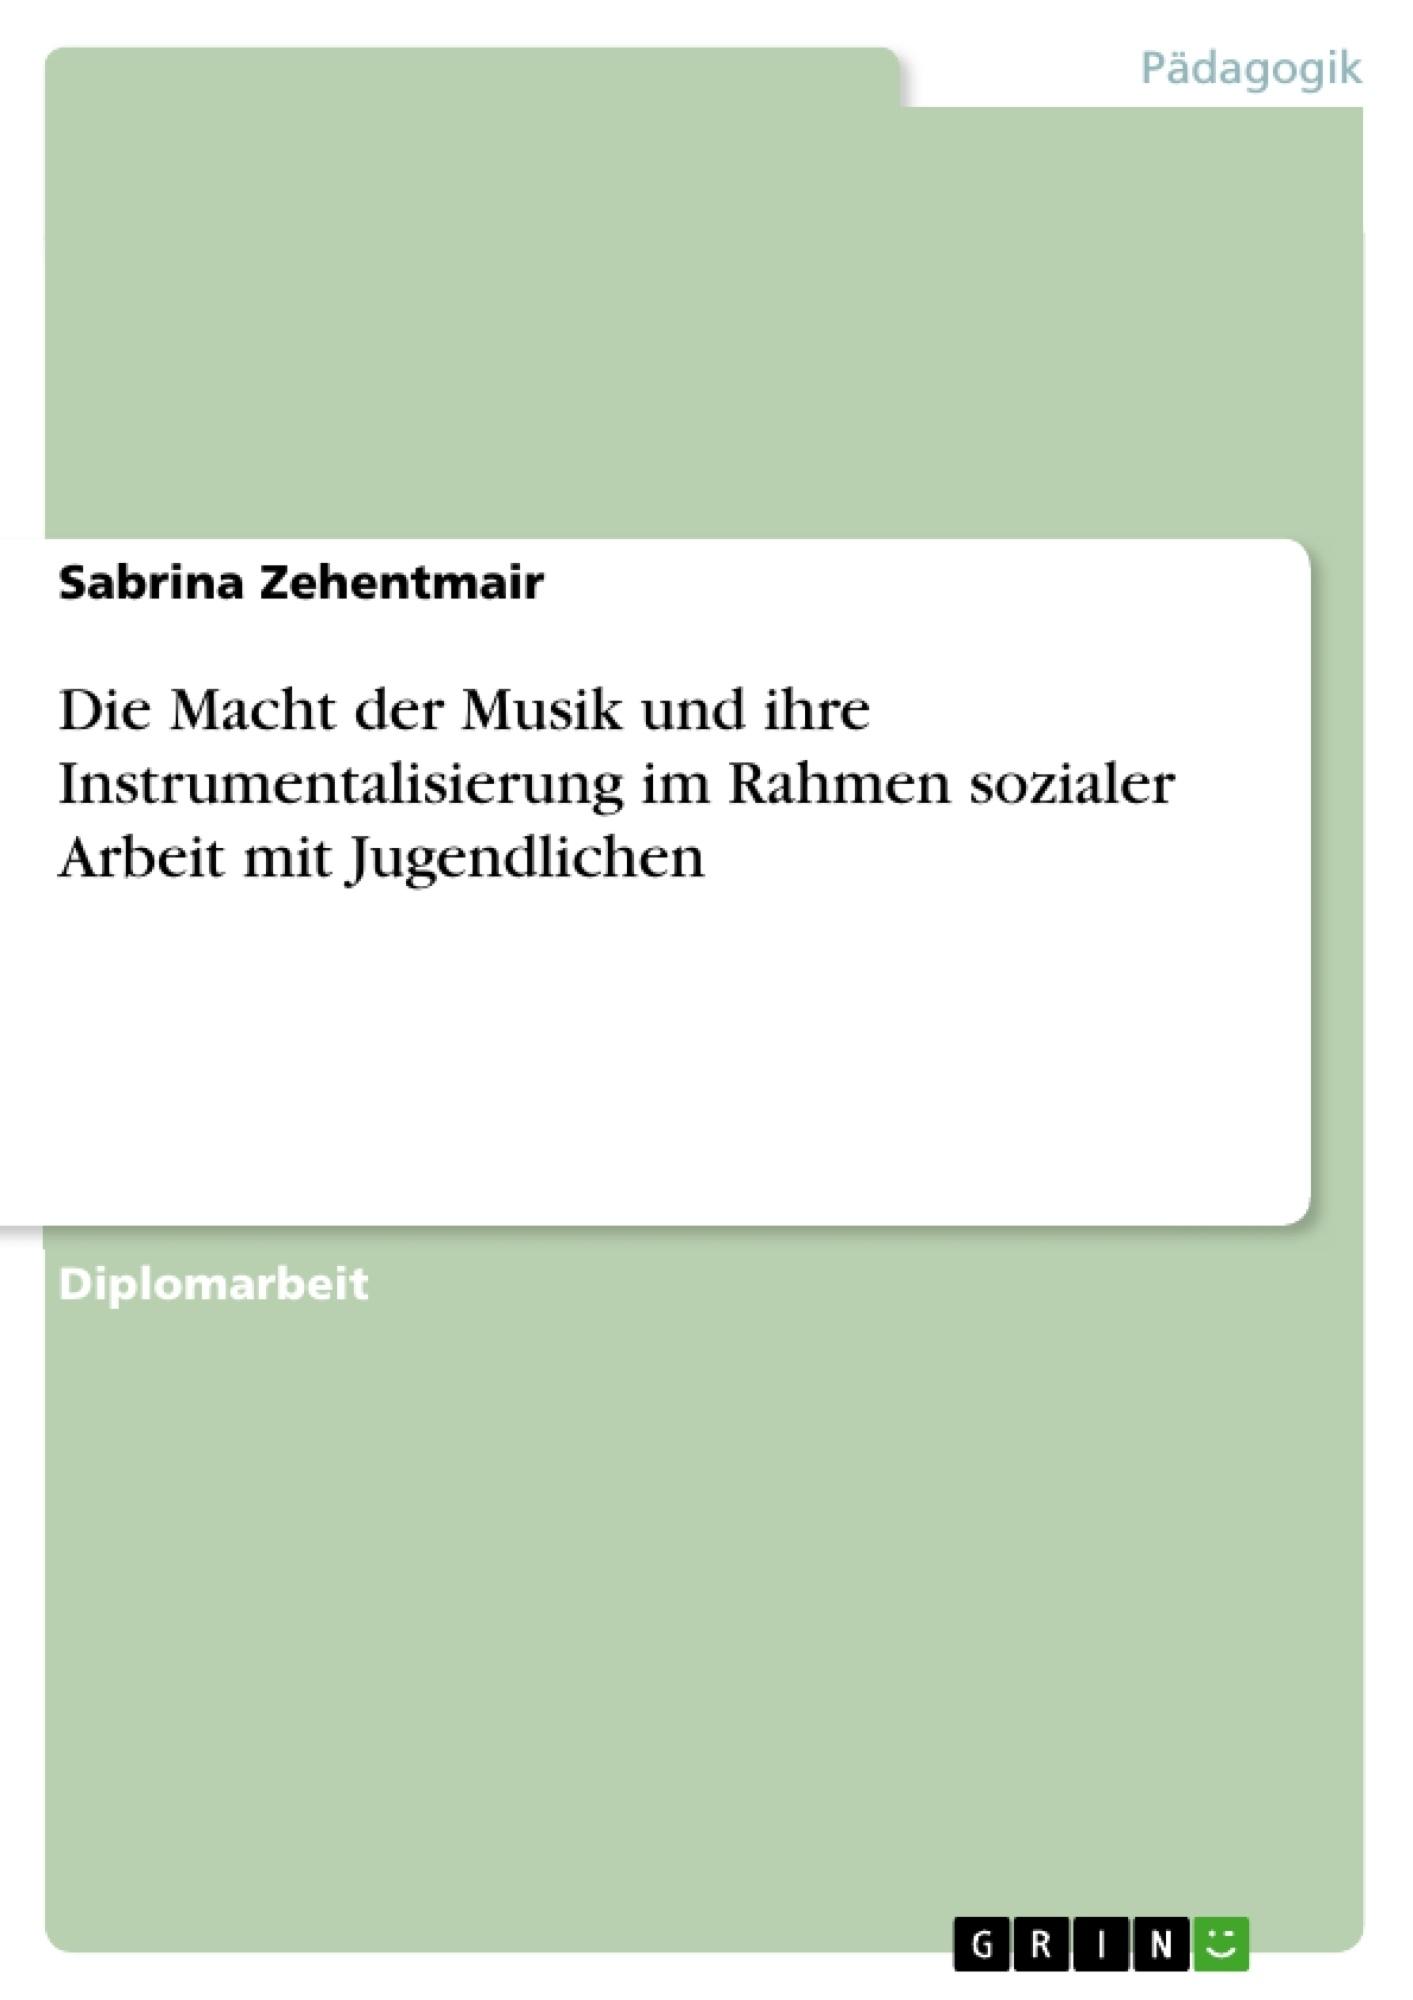 Titel: Die Macht der Musik und ihre Instrumentalisierung im Rahmen sozialer Arbeit mit Jugendlichen